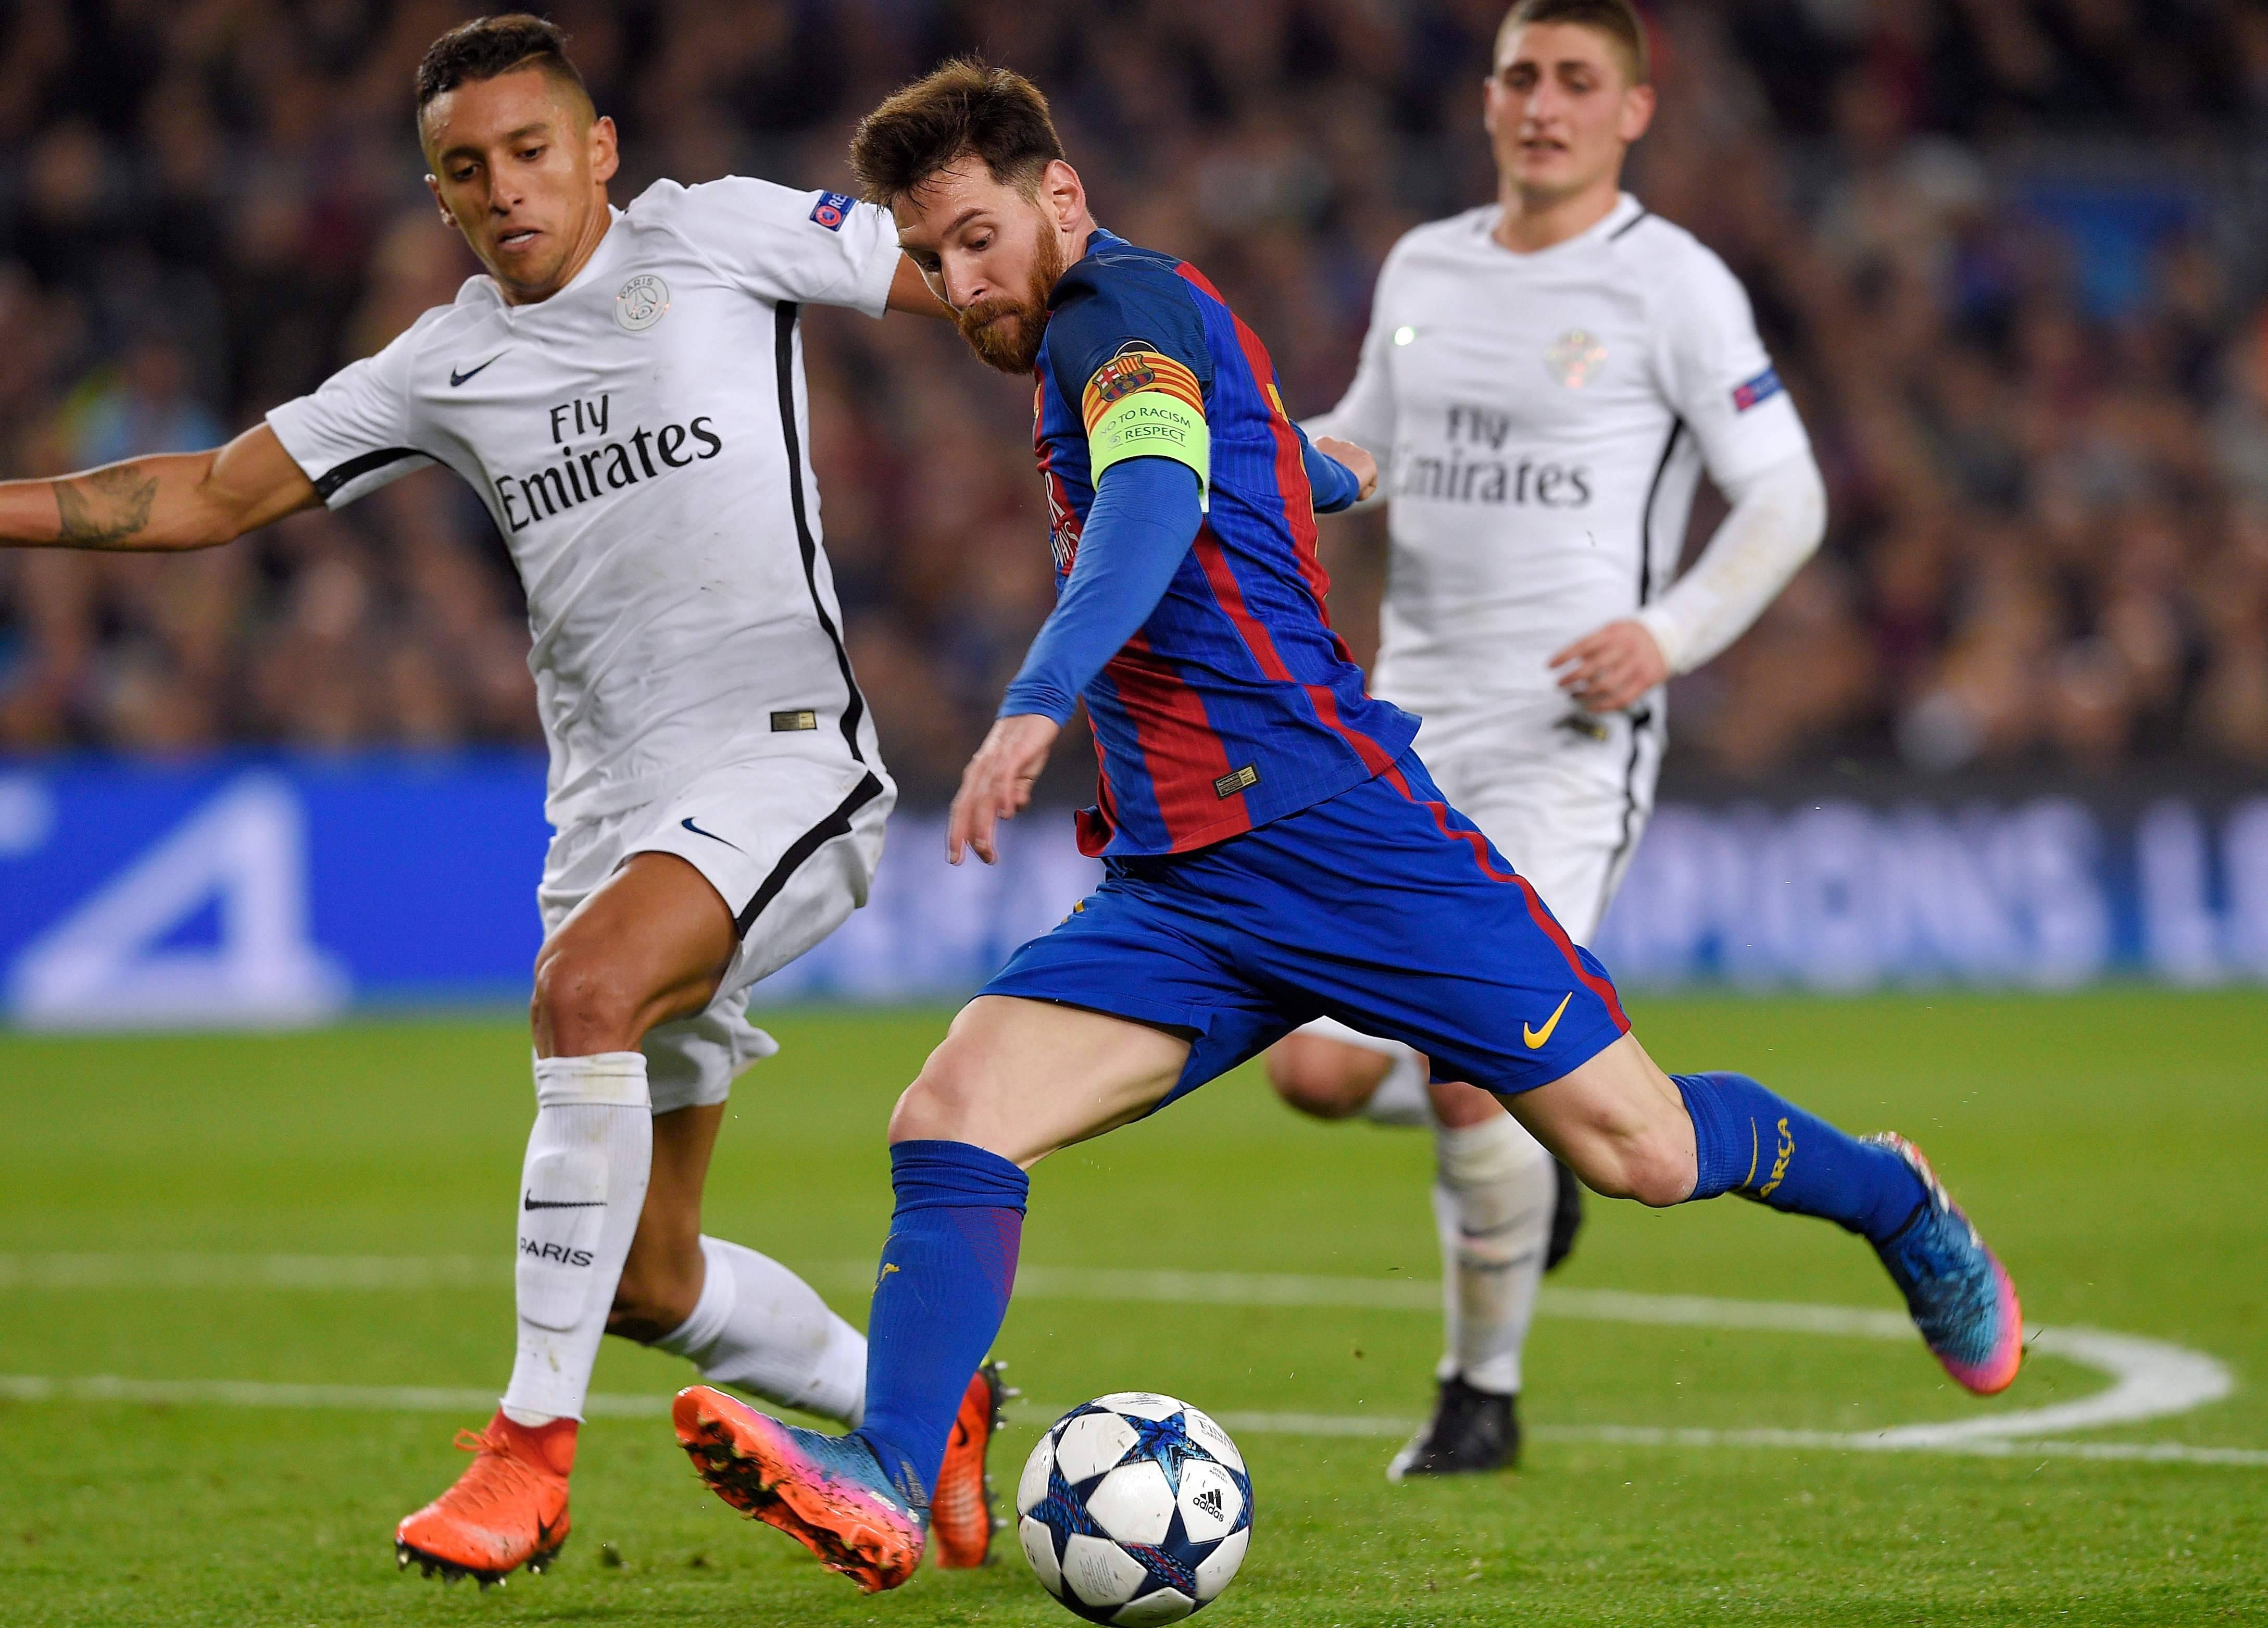 PSG FC Barcelone Ligue des champions 2016-2017 Lionel Messi